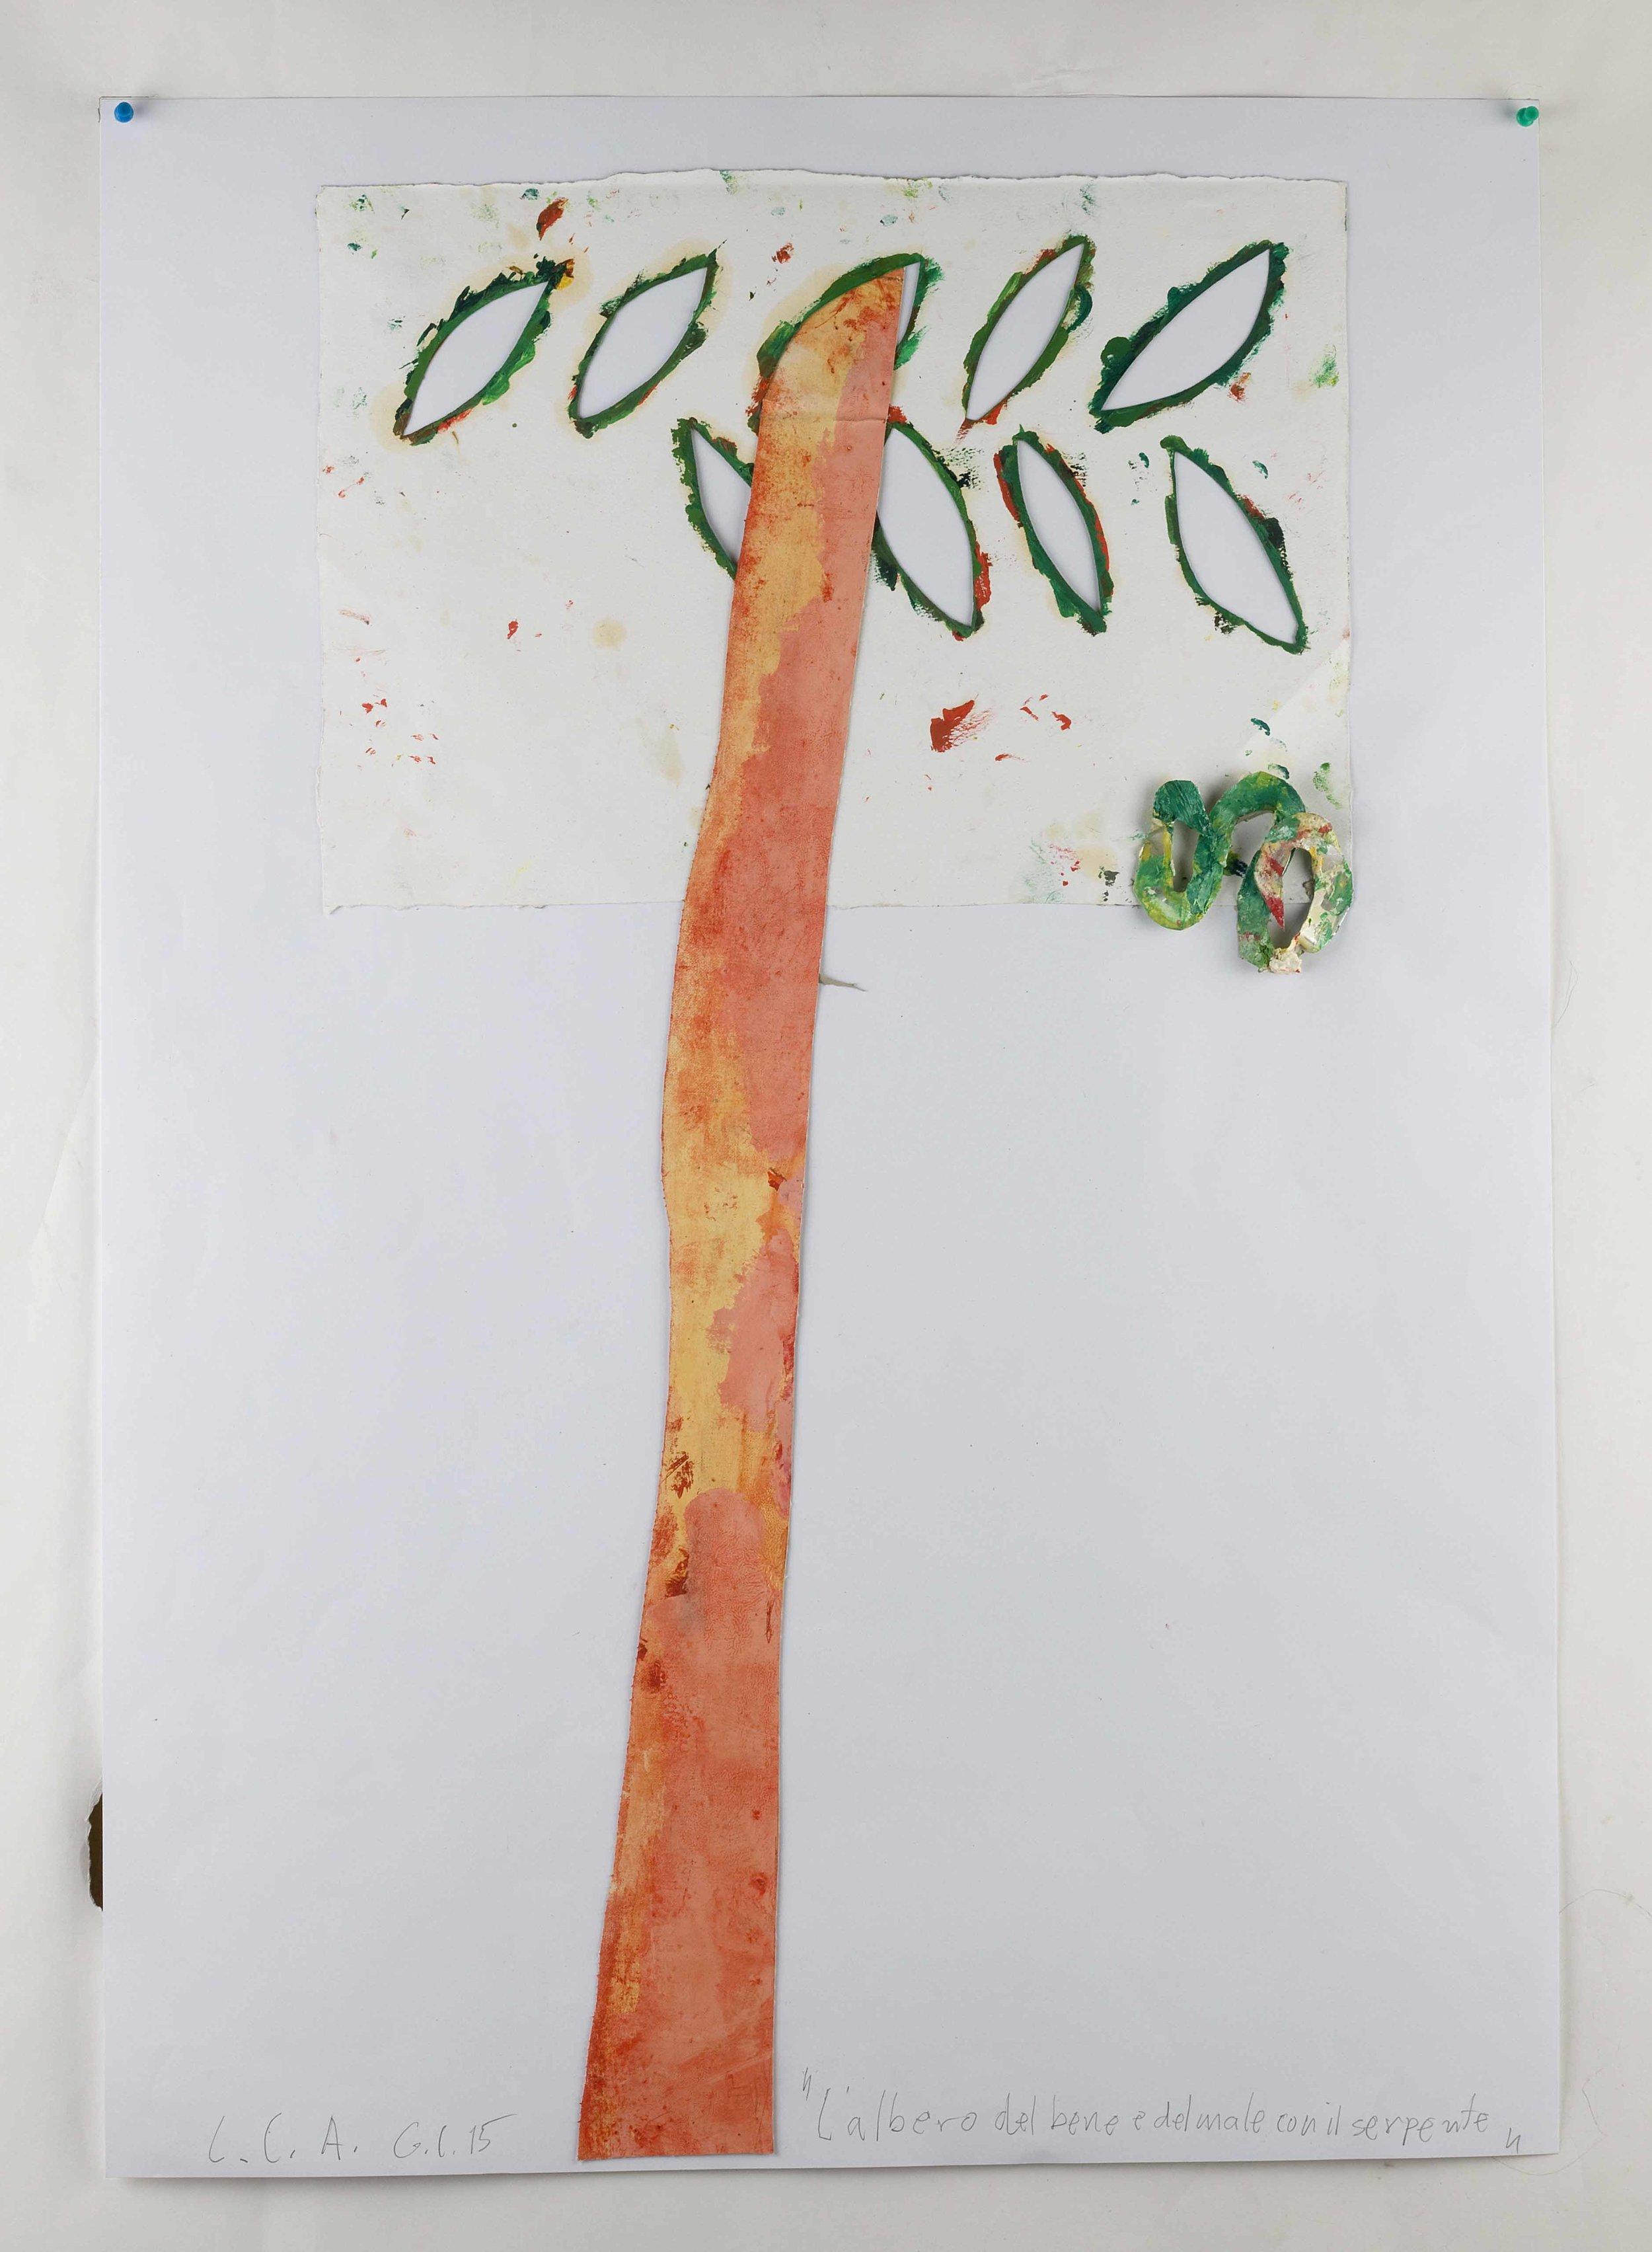 L'albero del bene e del male con il serpente